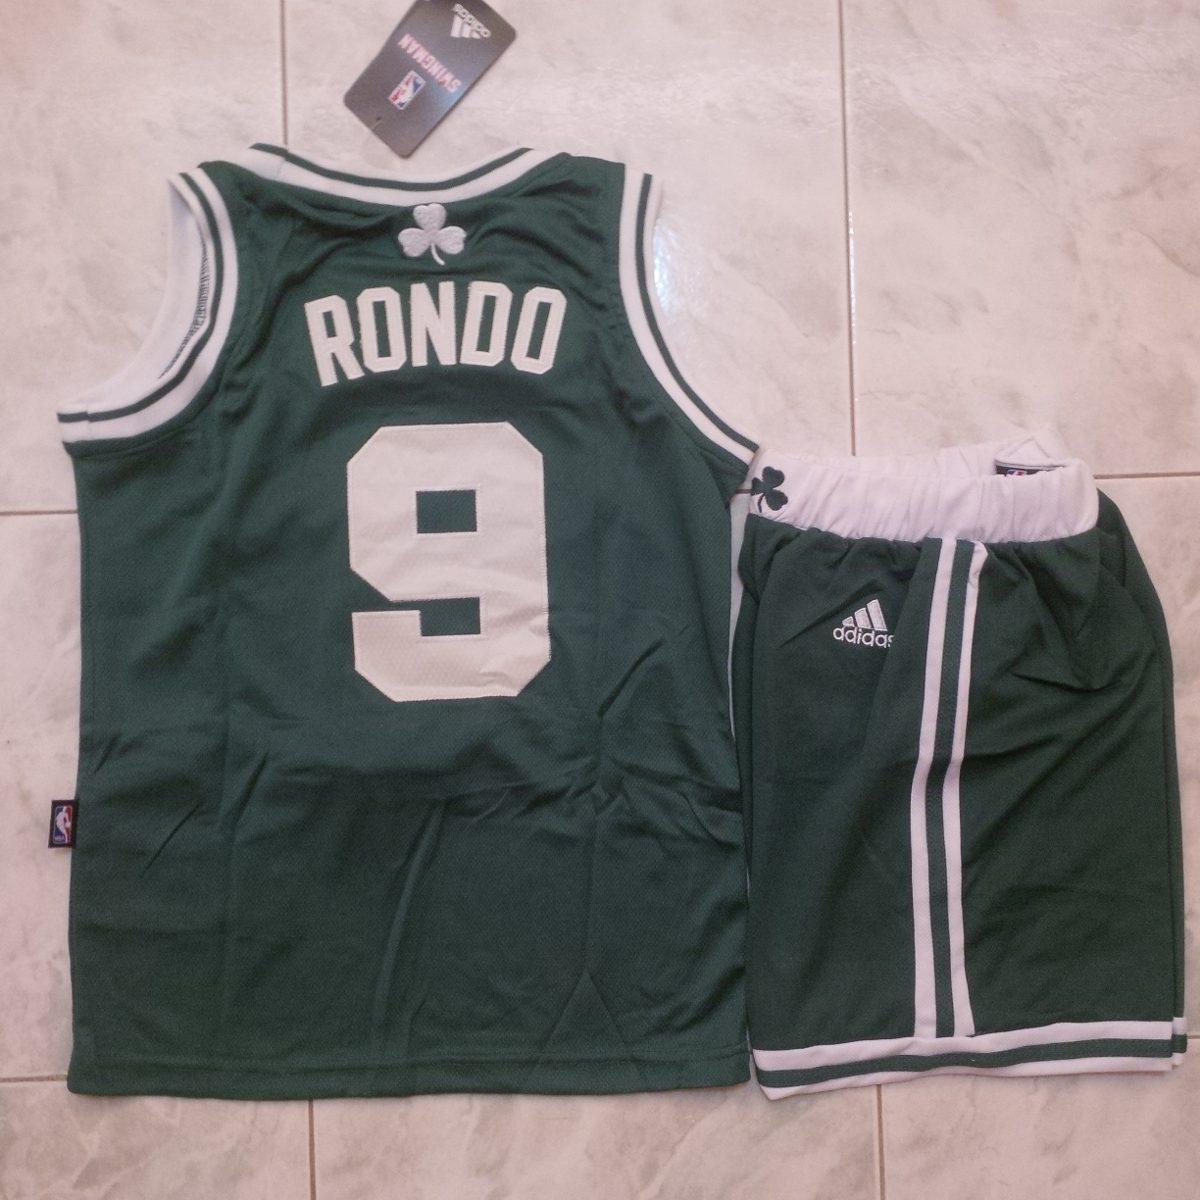 eb274683eef uniformes camisetas de basket nba niños celtics lakers. Cargando zoom.